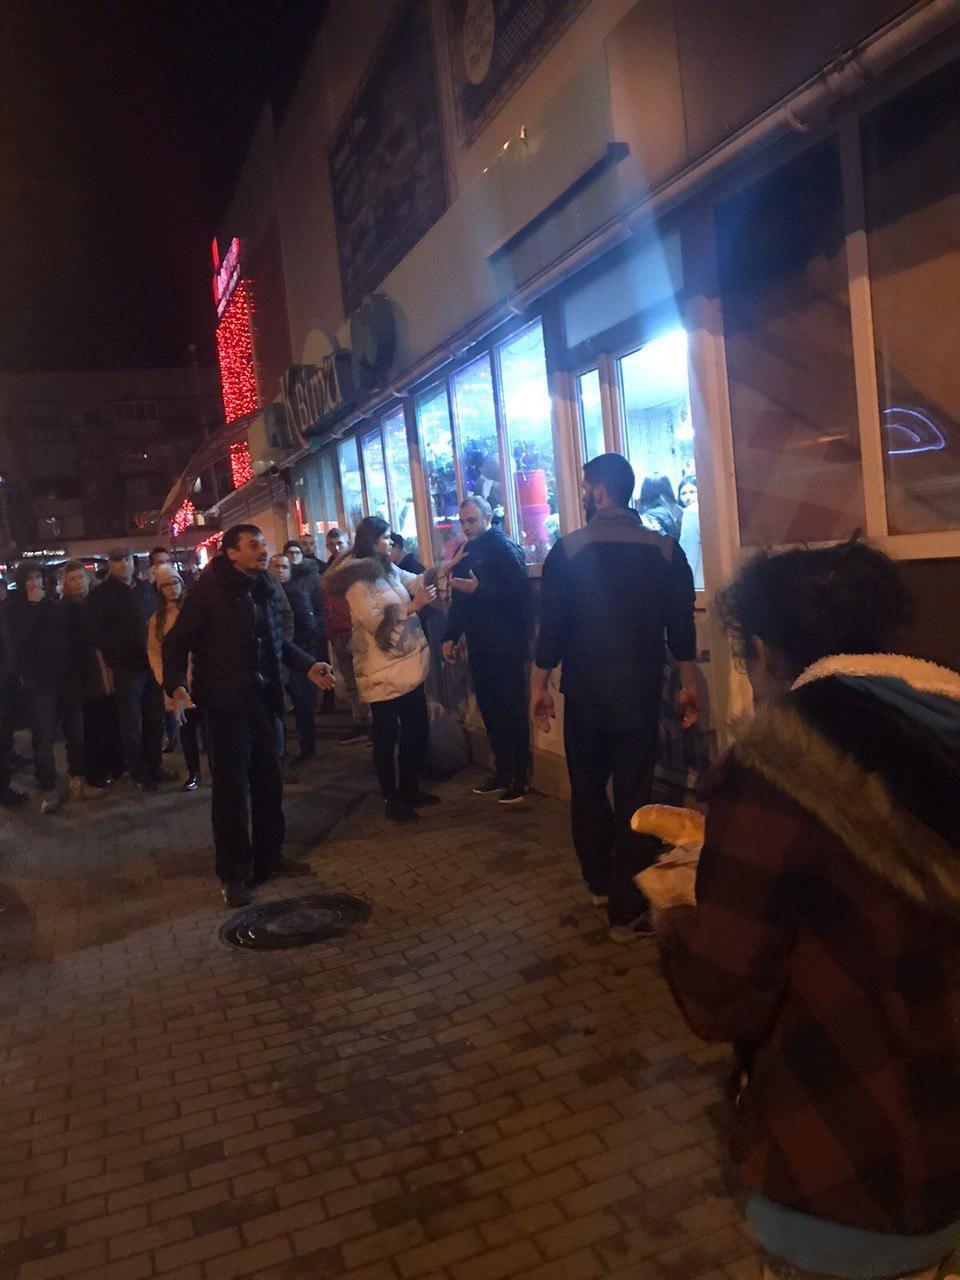 Чи було жорстоке побиття чоловіка в Ужгороді  - поліція надала офіційну інформацію інциденту (ФОТО), фото-2